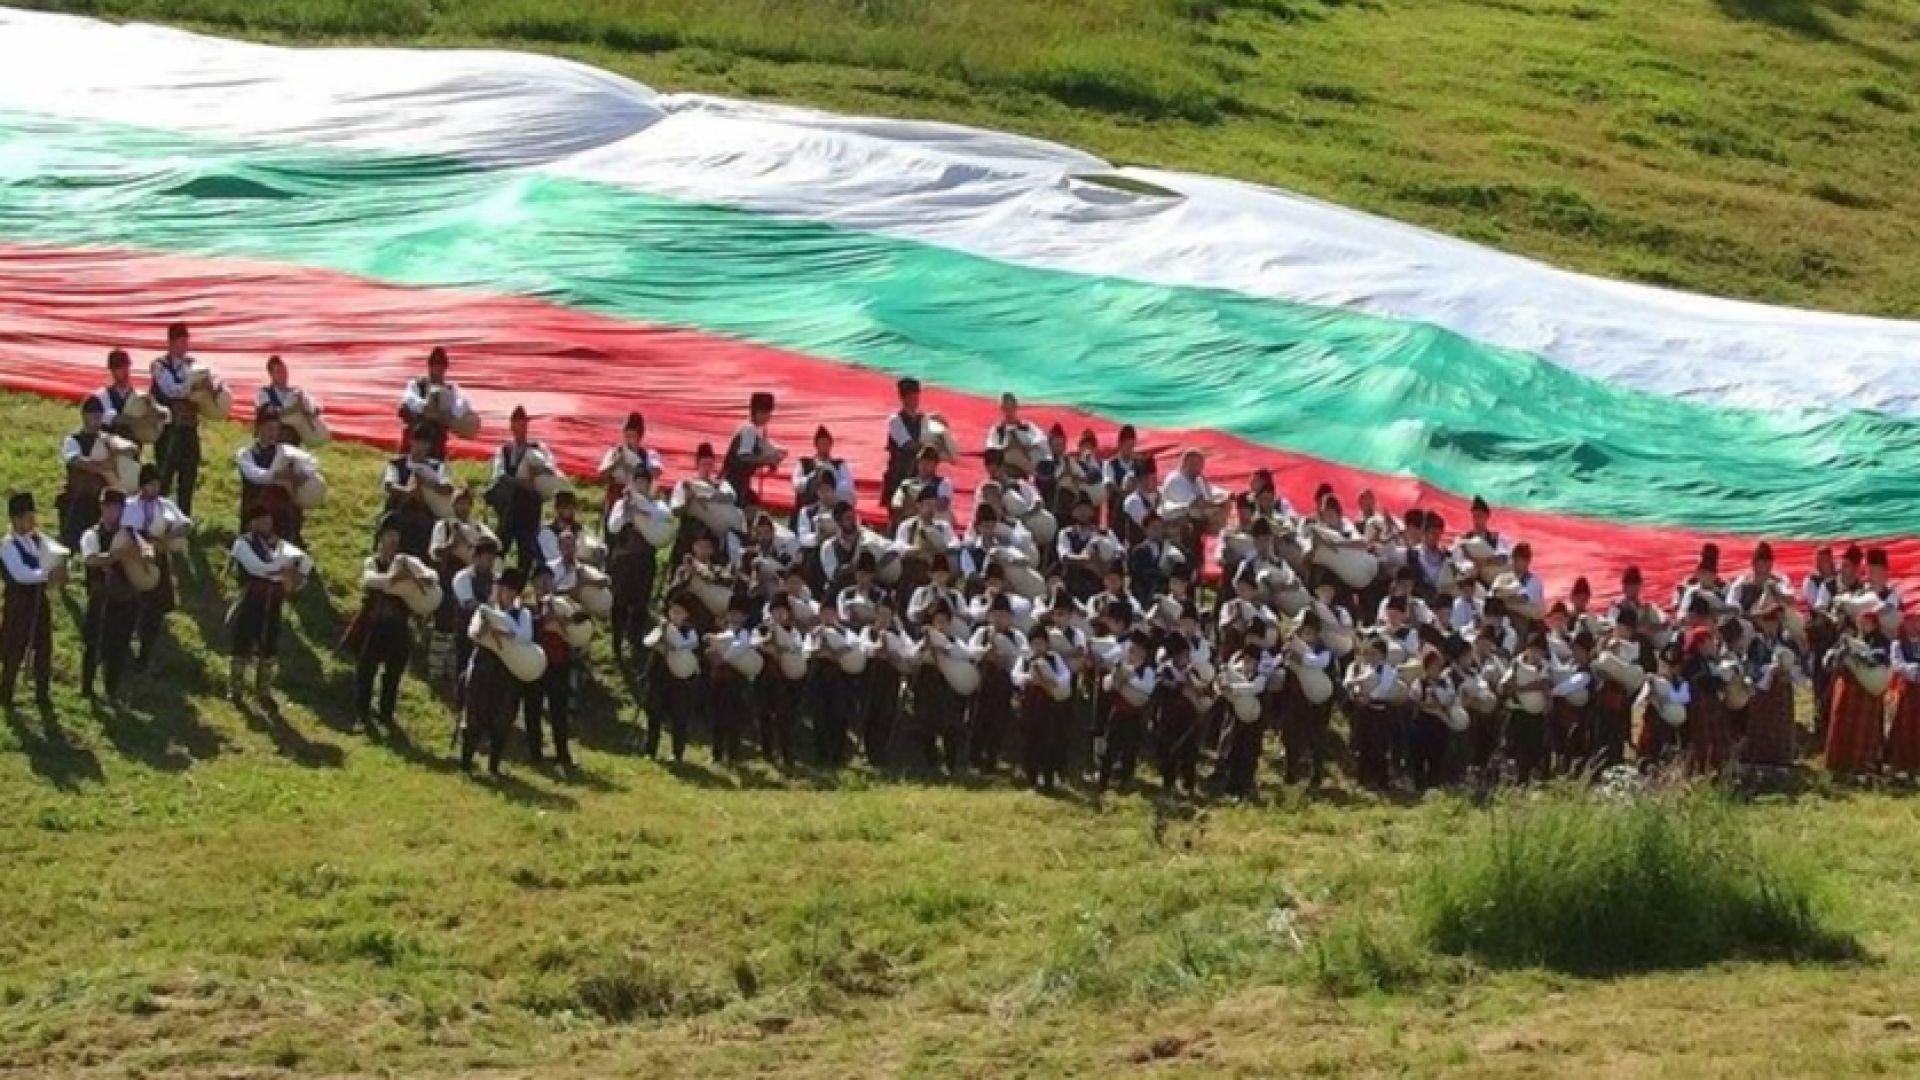 """Румен Радев ще открие събора """"Рожен"""", хиляди в носии се събират в Родопите"""